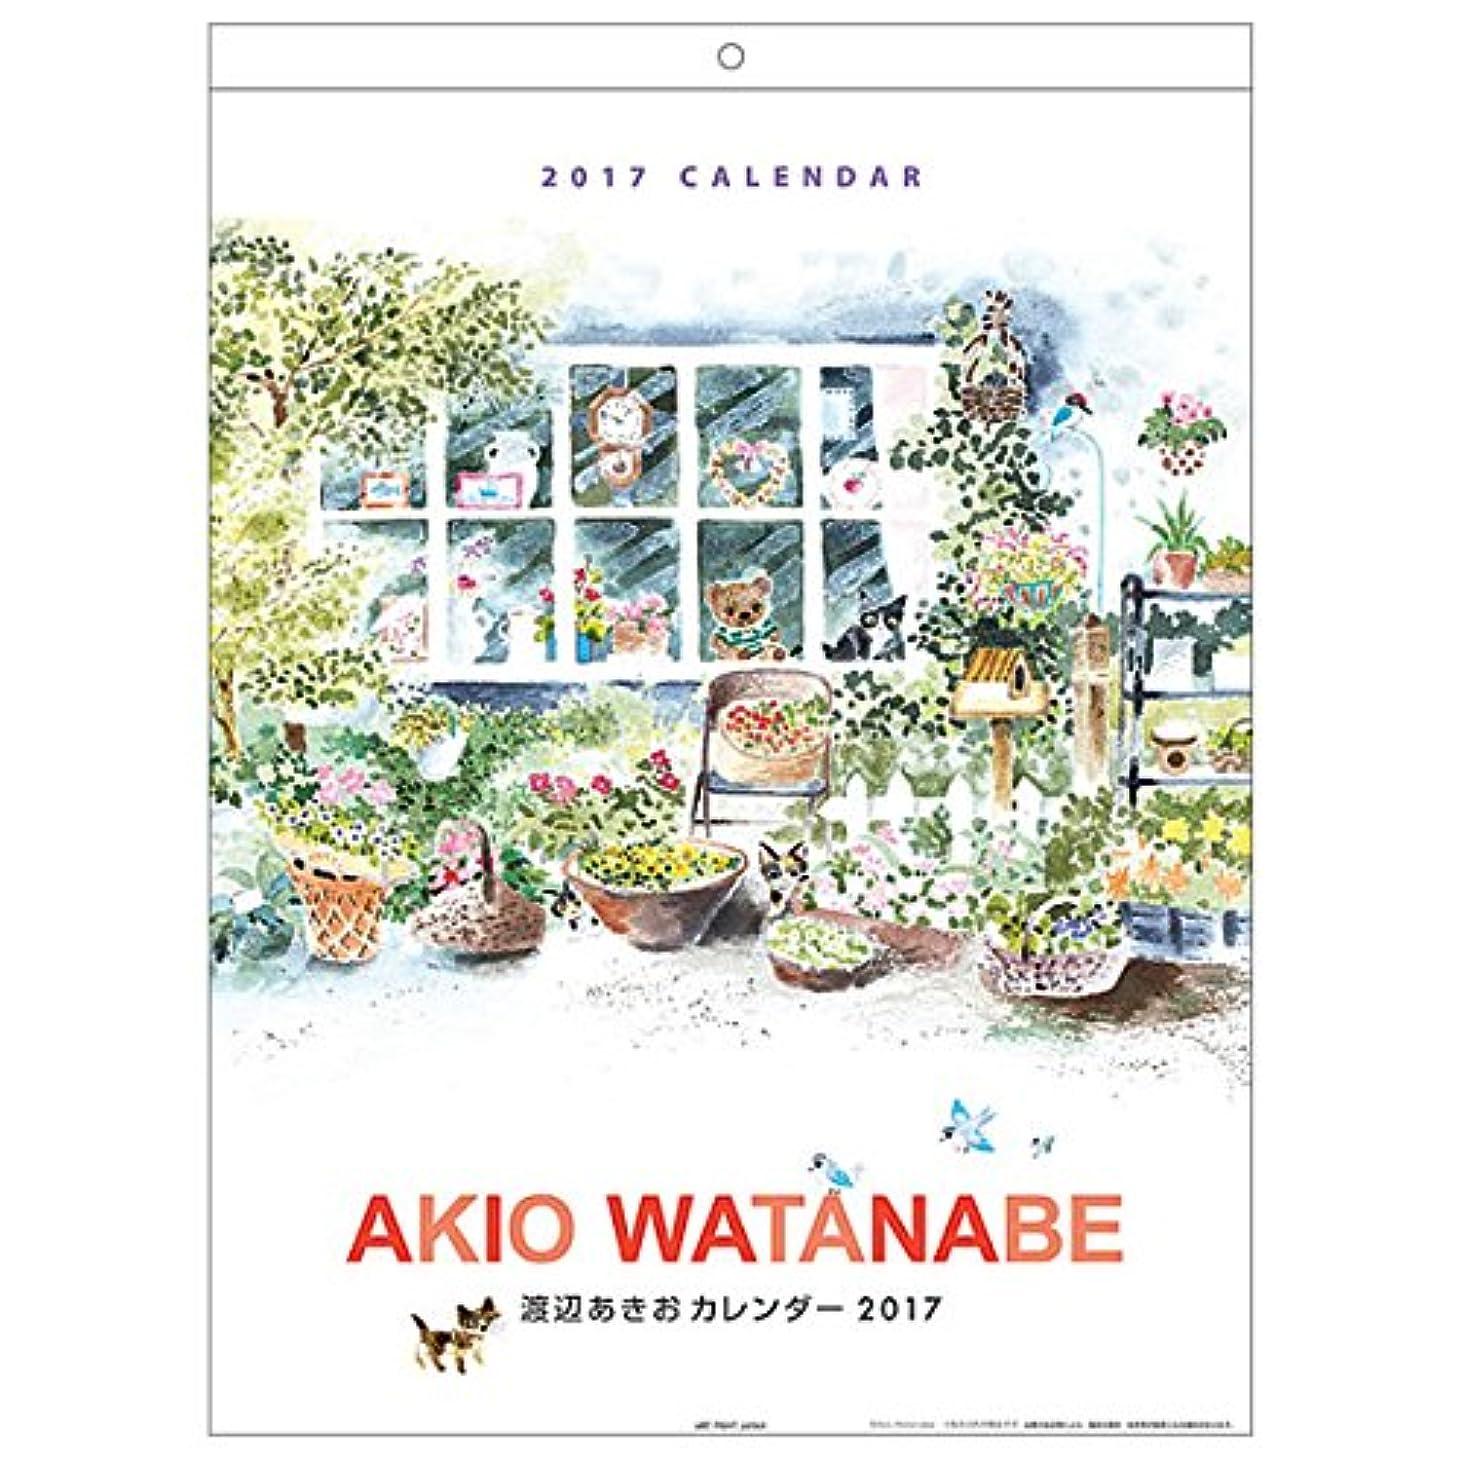 サイトラインスキーム盟主カレンダー 2017 壁掛け 渡辺 あきお 089 APJ